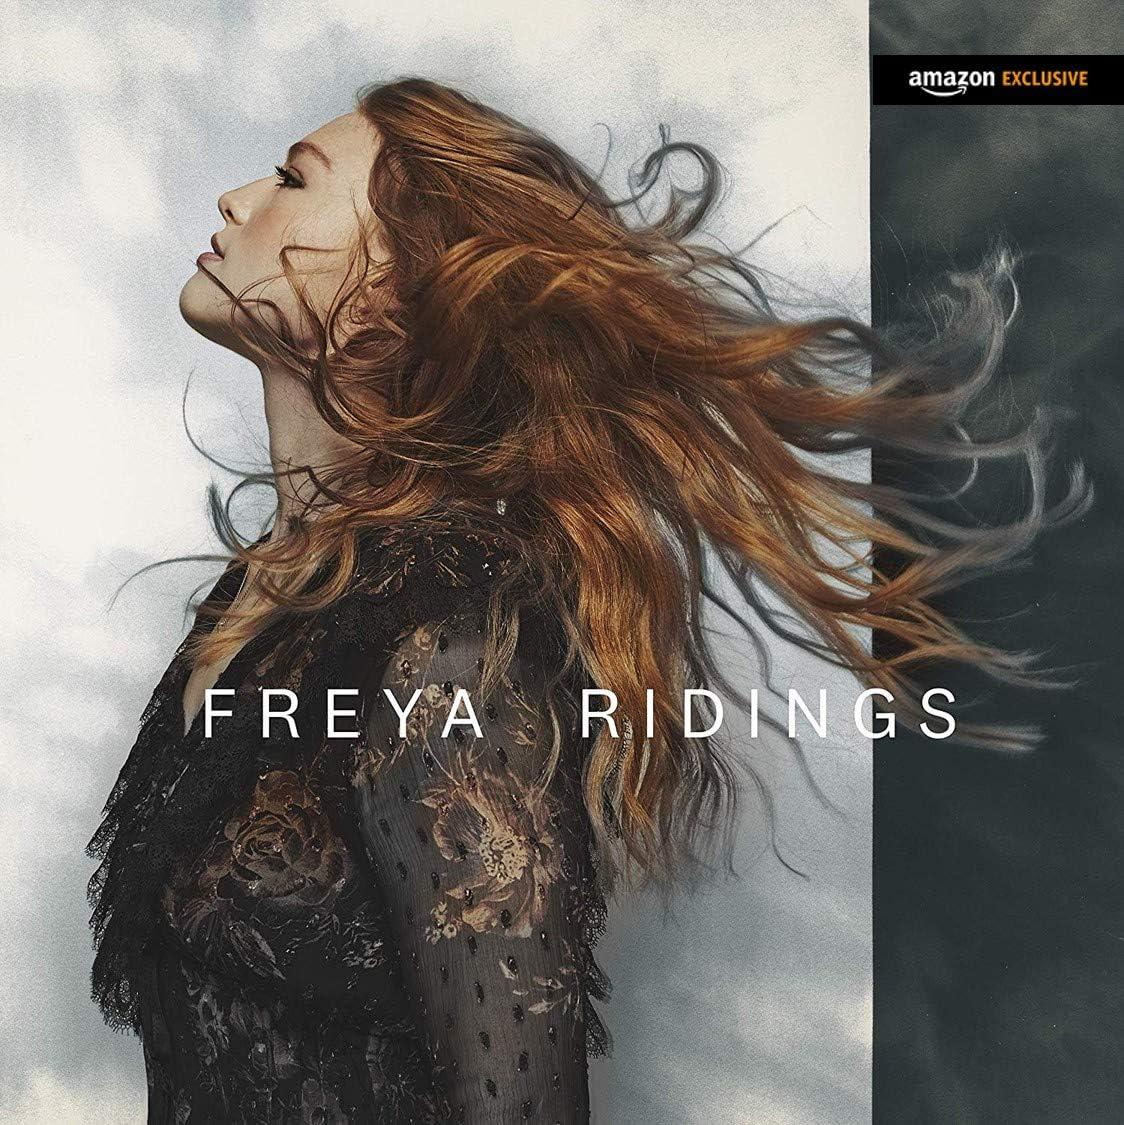 Freya Ridings Amazon Exclusive